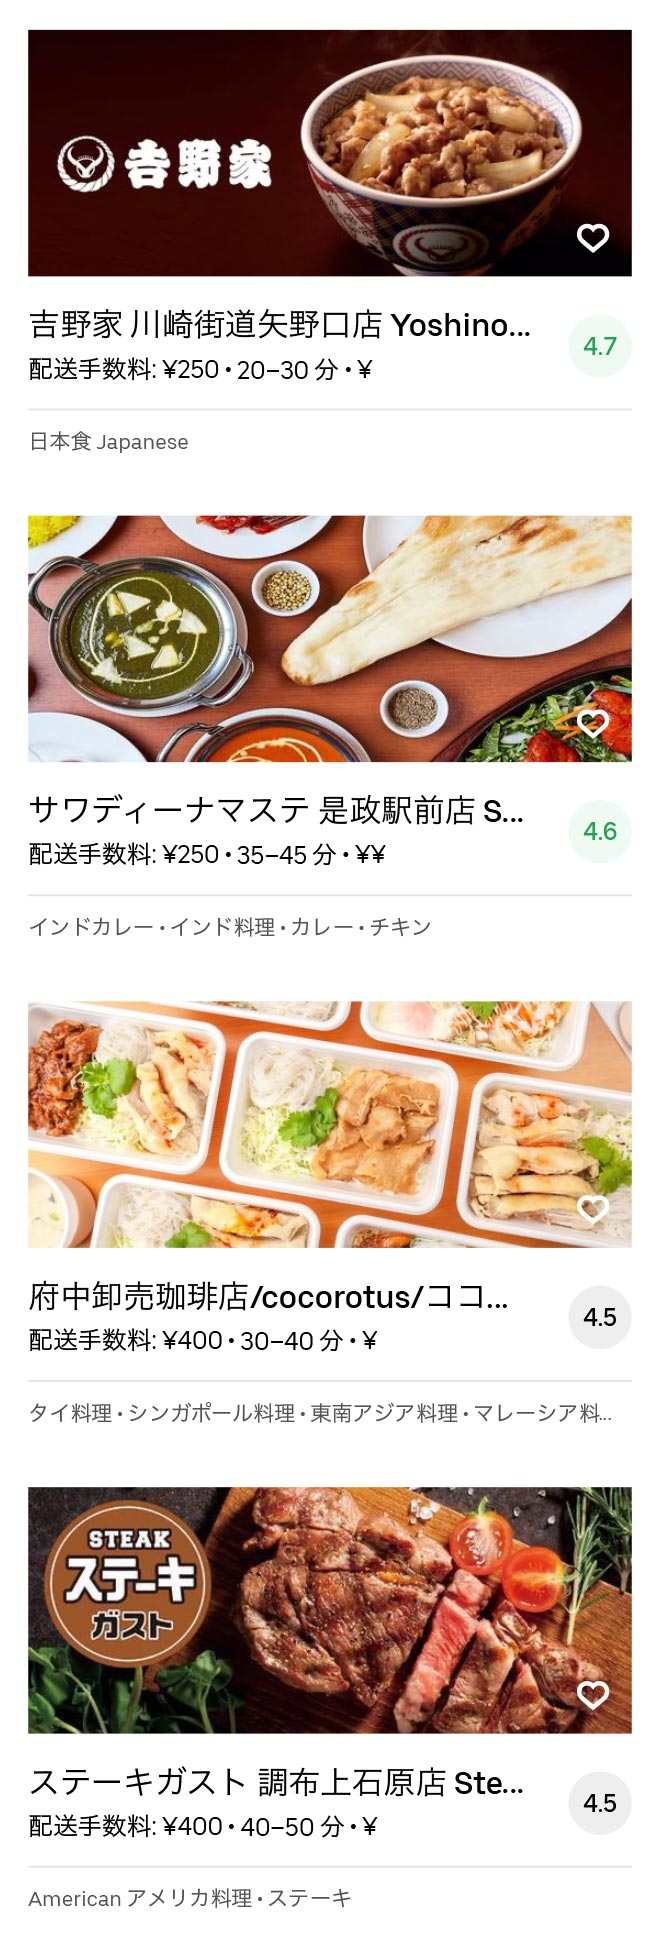 Inagi menu 2007 07